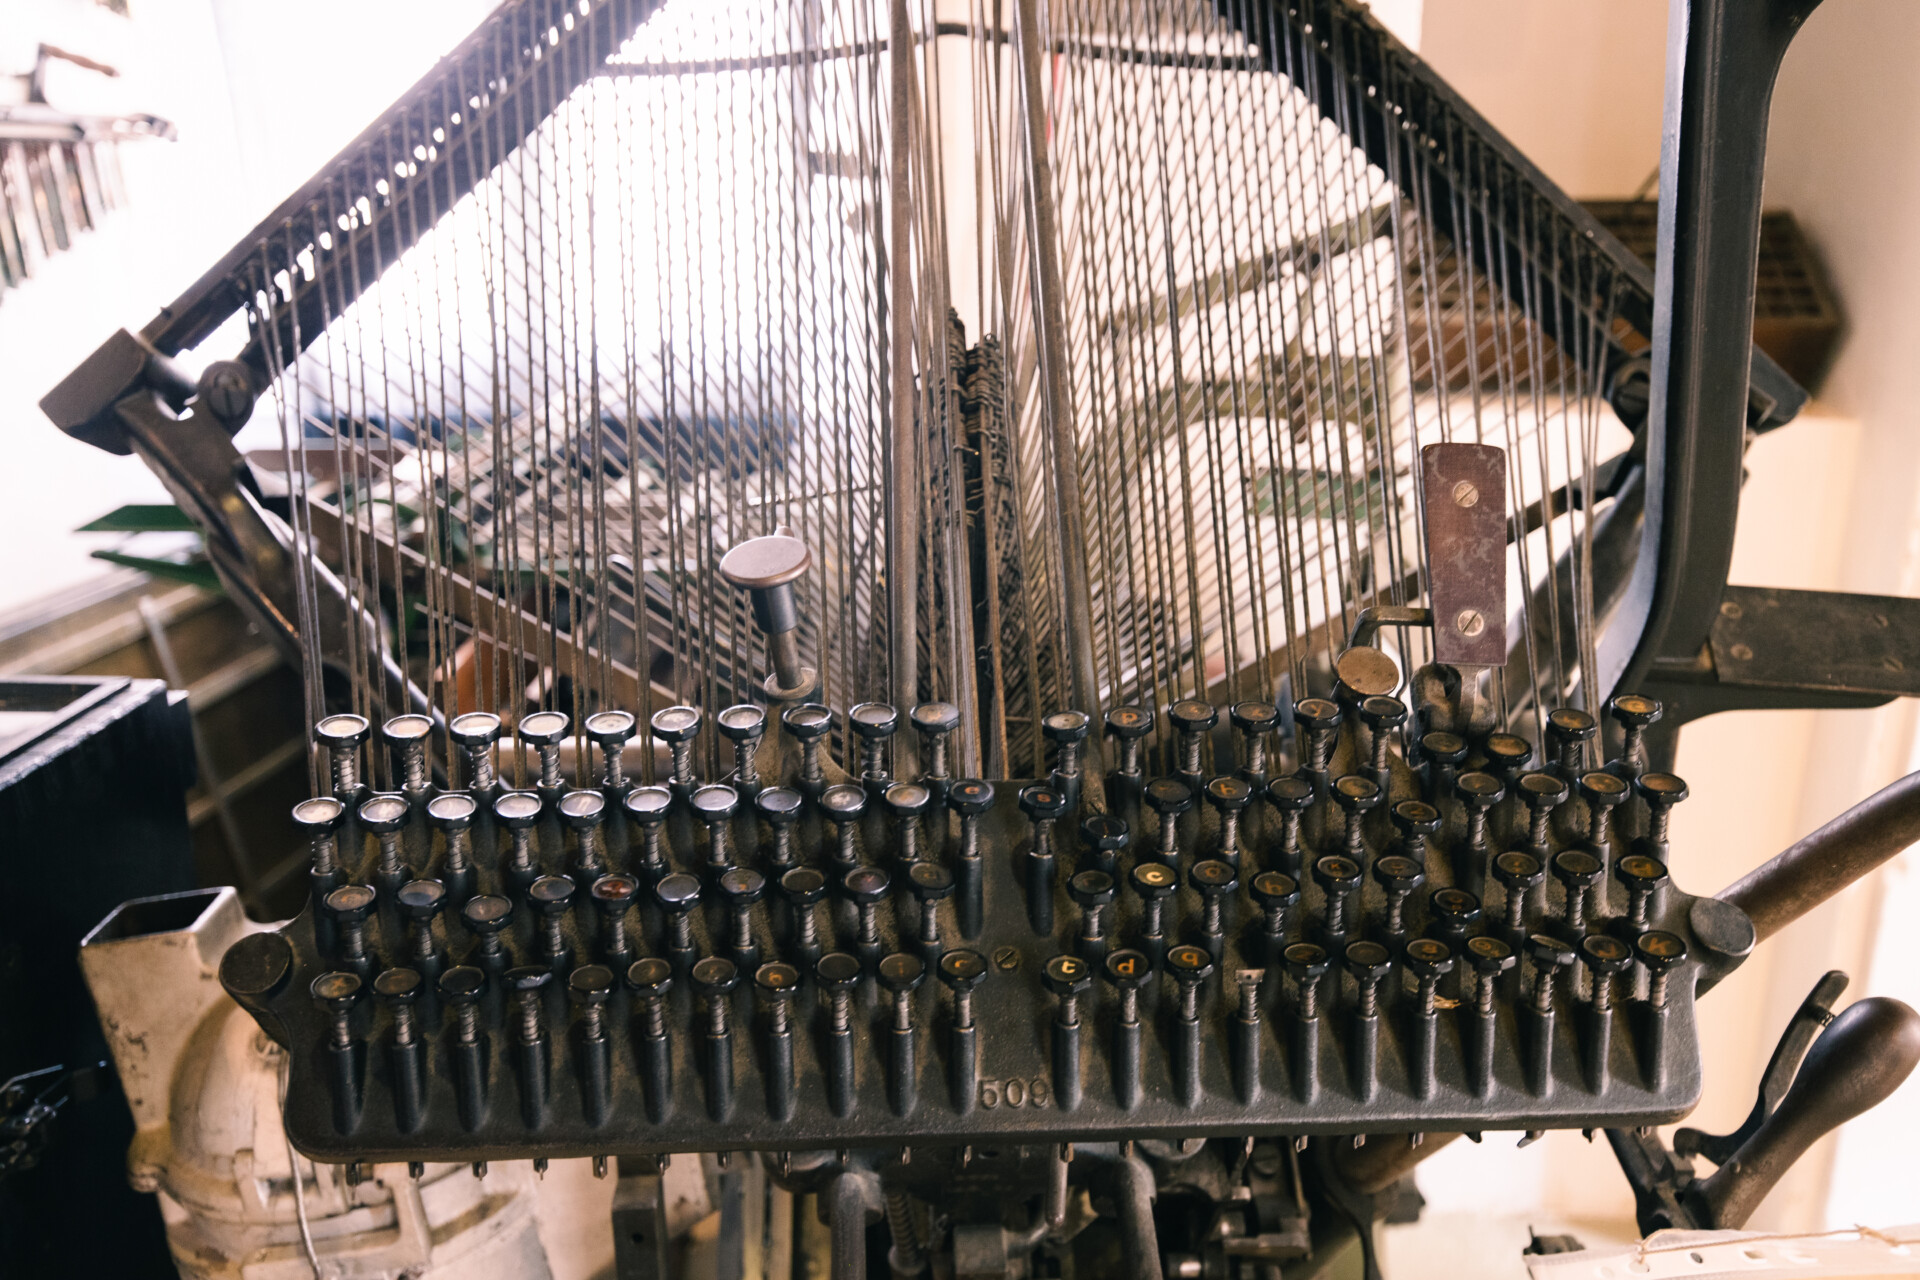 Vielle machine d'imprimerie